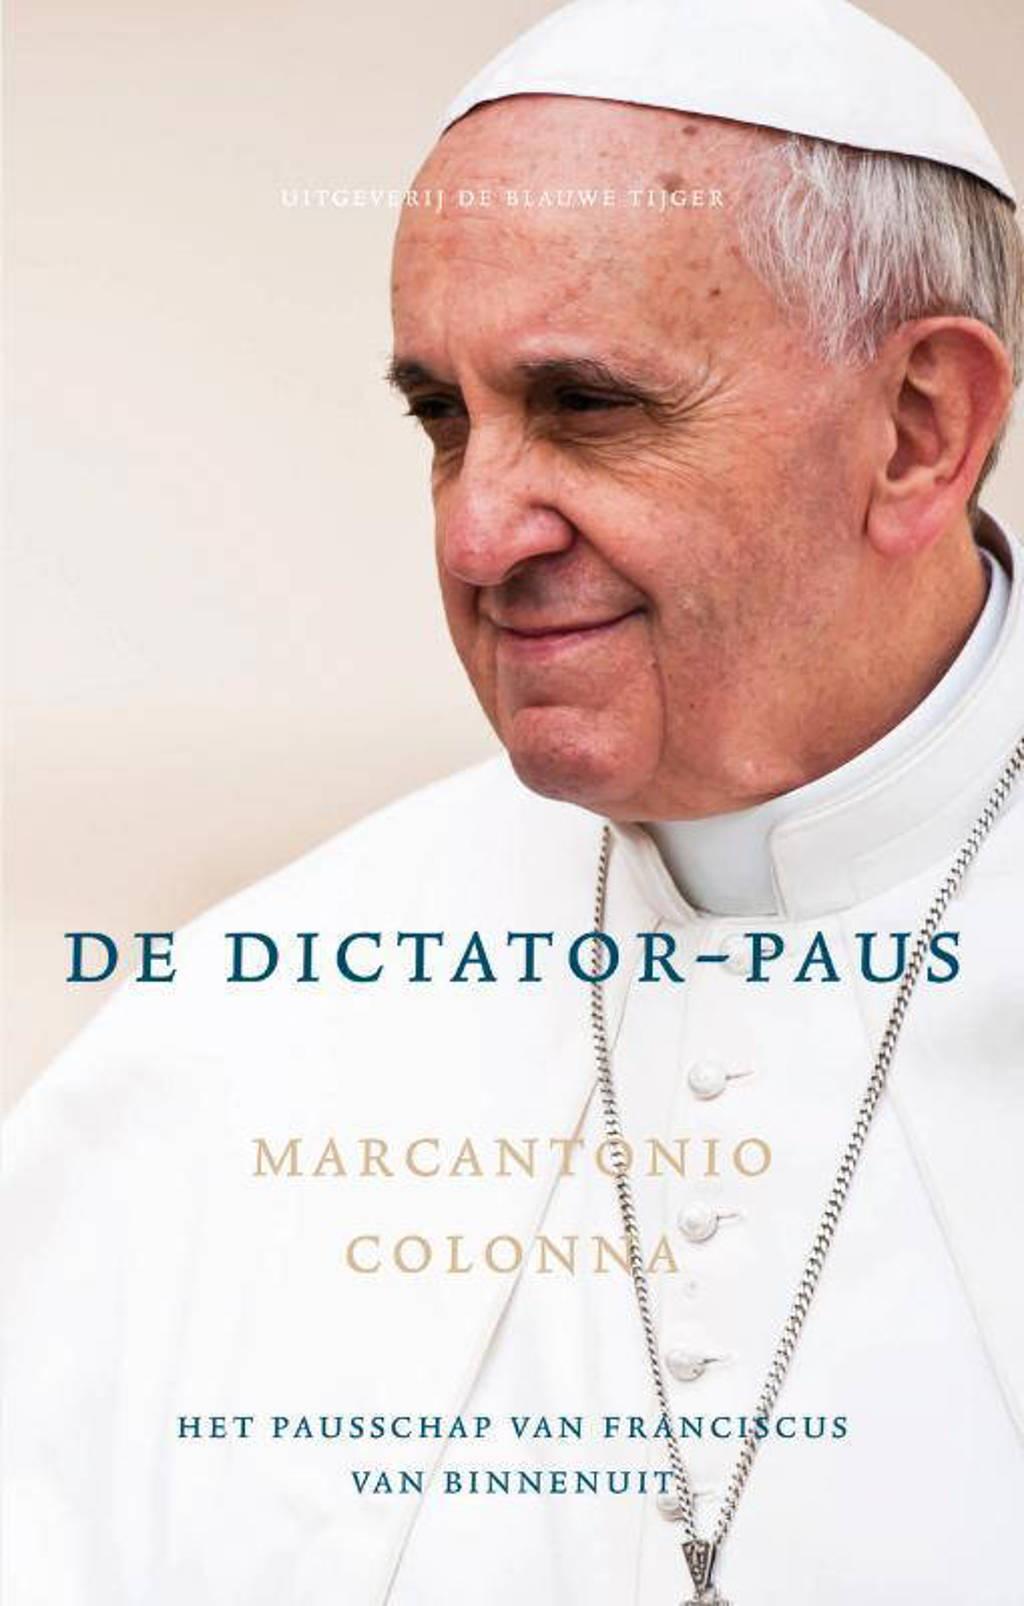 De dictator-paus - Marcantonio Colonna